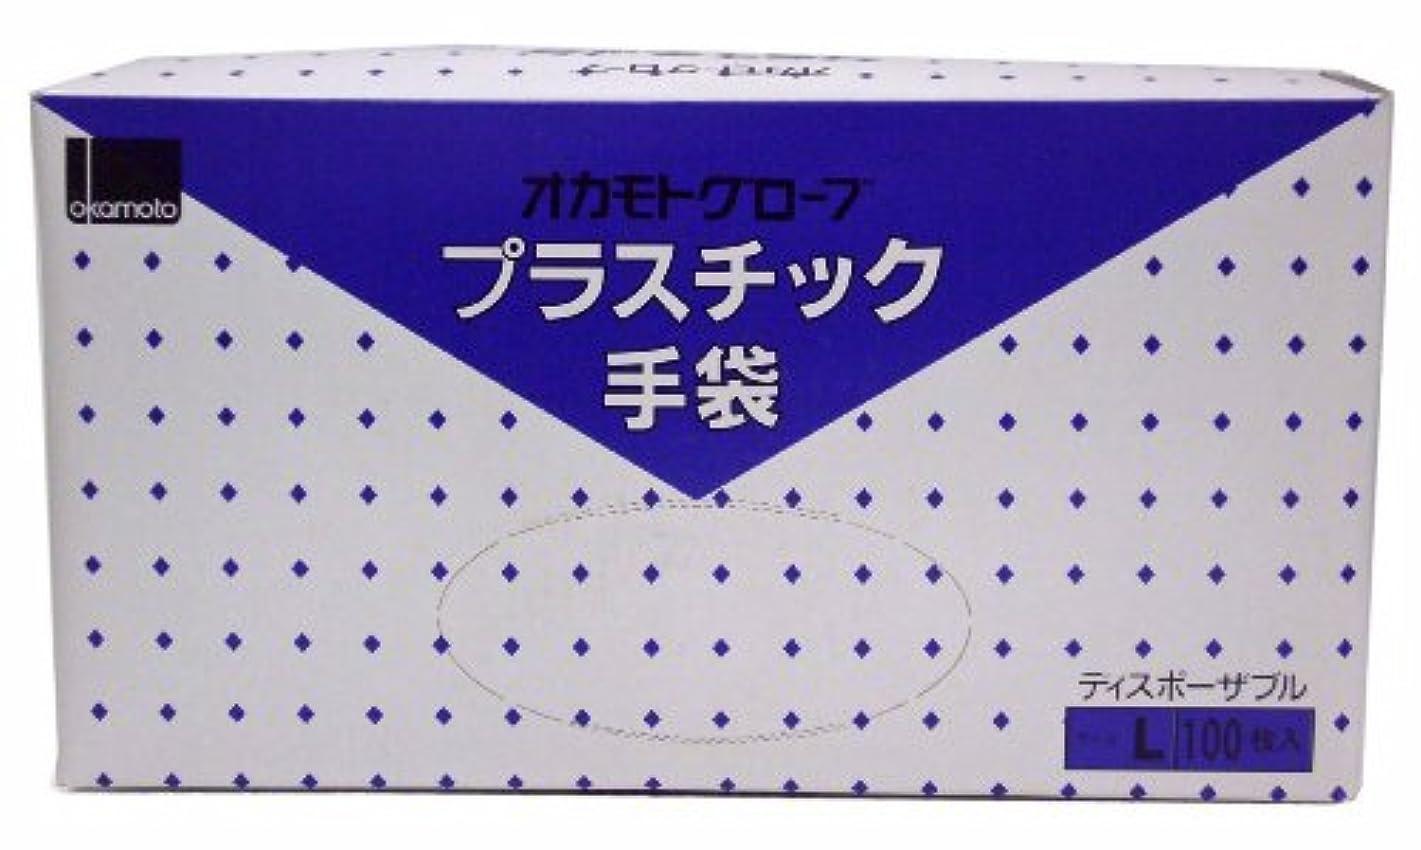 受け入れたバングラデシュロッカーオカモトグローブ プラスチック手袋 L 100枚入